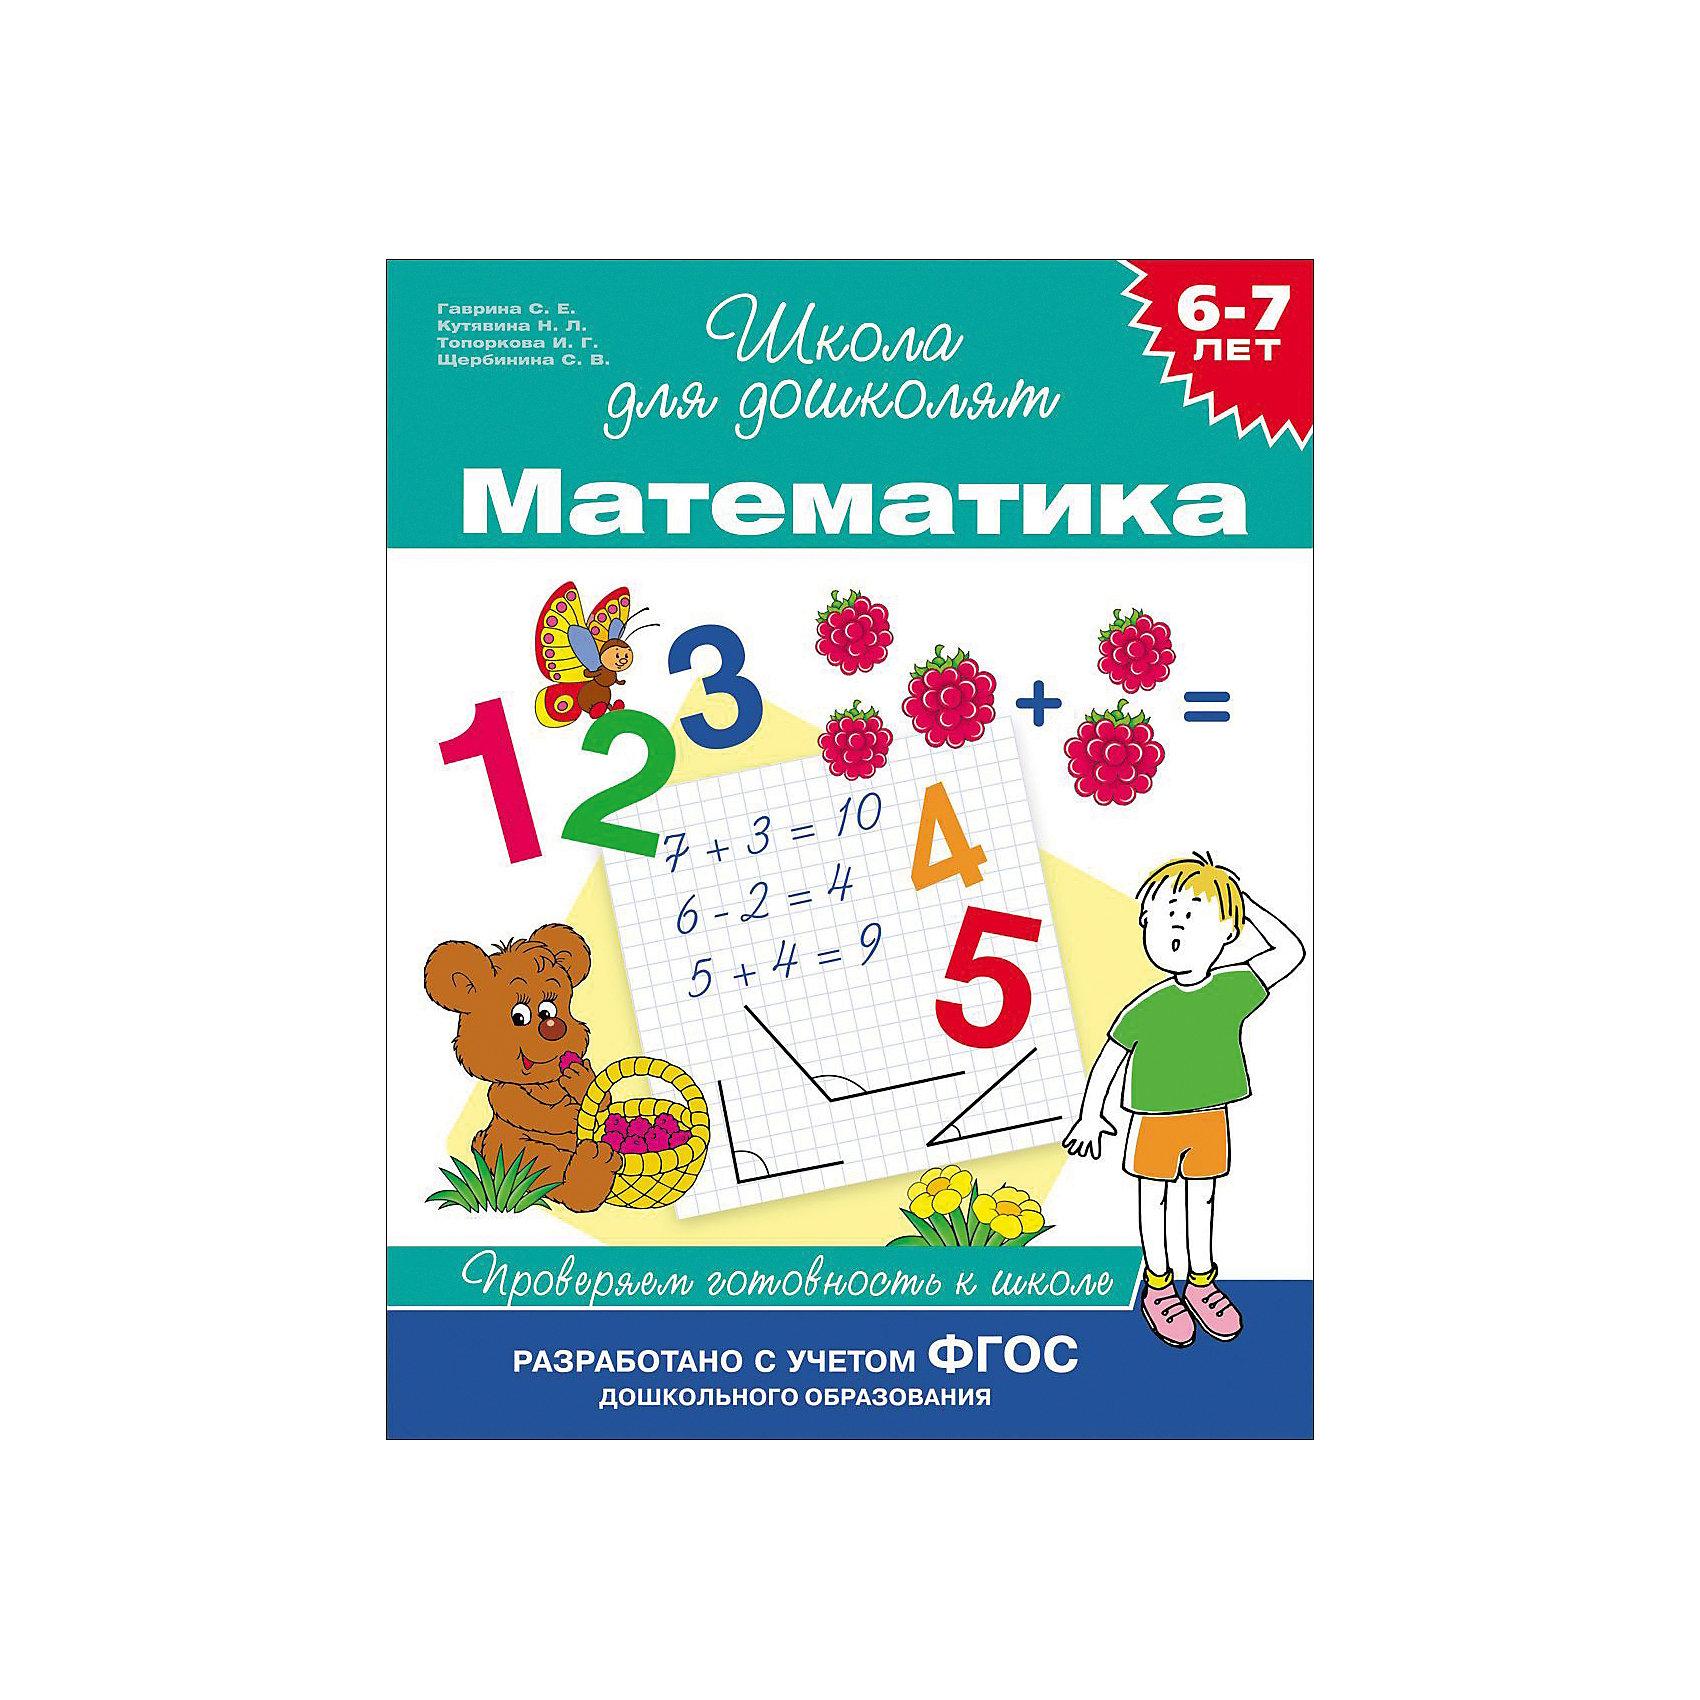 Математика: проверяем готовность к школе, 6-7 летОбучение счету<br>Книга Математика. Проверяем готовность к школе, 6-7 лет. <br><br>Характеристики:<br><br>• ISBN: 9785353068617 <br>• Количество страниц: 96<br>• Формат: А4   <br>• Обложка: твердая <br><br>Эта книга предназначена для занятий с детьми старшего дошкольного возраста. Ее авторами являются квалифицированные педагоги и психологи, поэтому все задания и рекомендации разработаны на основе ФГОС. В данной книге содержатся задания, которые помогут в подготовке ребенка к школе. Ее могут использовать не только воспитатели, но  и родители, так как эта книга удобна и проста для понимания.<br><br>Книга Математика. Проверяем готовность к школе, 6-7 лет. можно купить в нашем интернет-магазине.<br><br>Ширина мм: 255<br>Глубина мм: 195<br>Высота мм: 40<br>Вес г: 190<br>Возраст от месяцев: 60<br>Возраст до месяцев: 2147483647<br>Пол: Унисекс<br>Возраст: Детский<br>SKU: 5507112